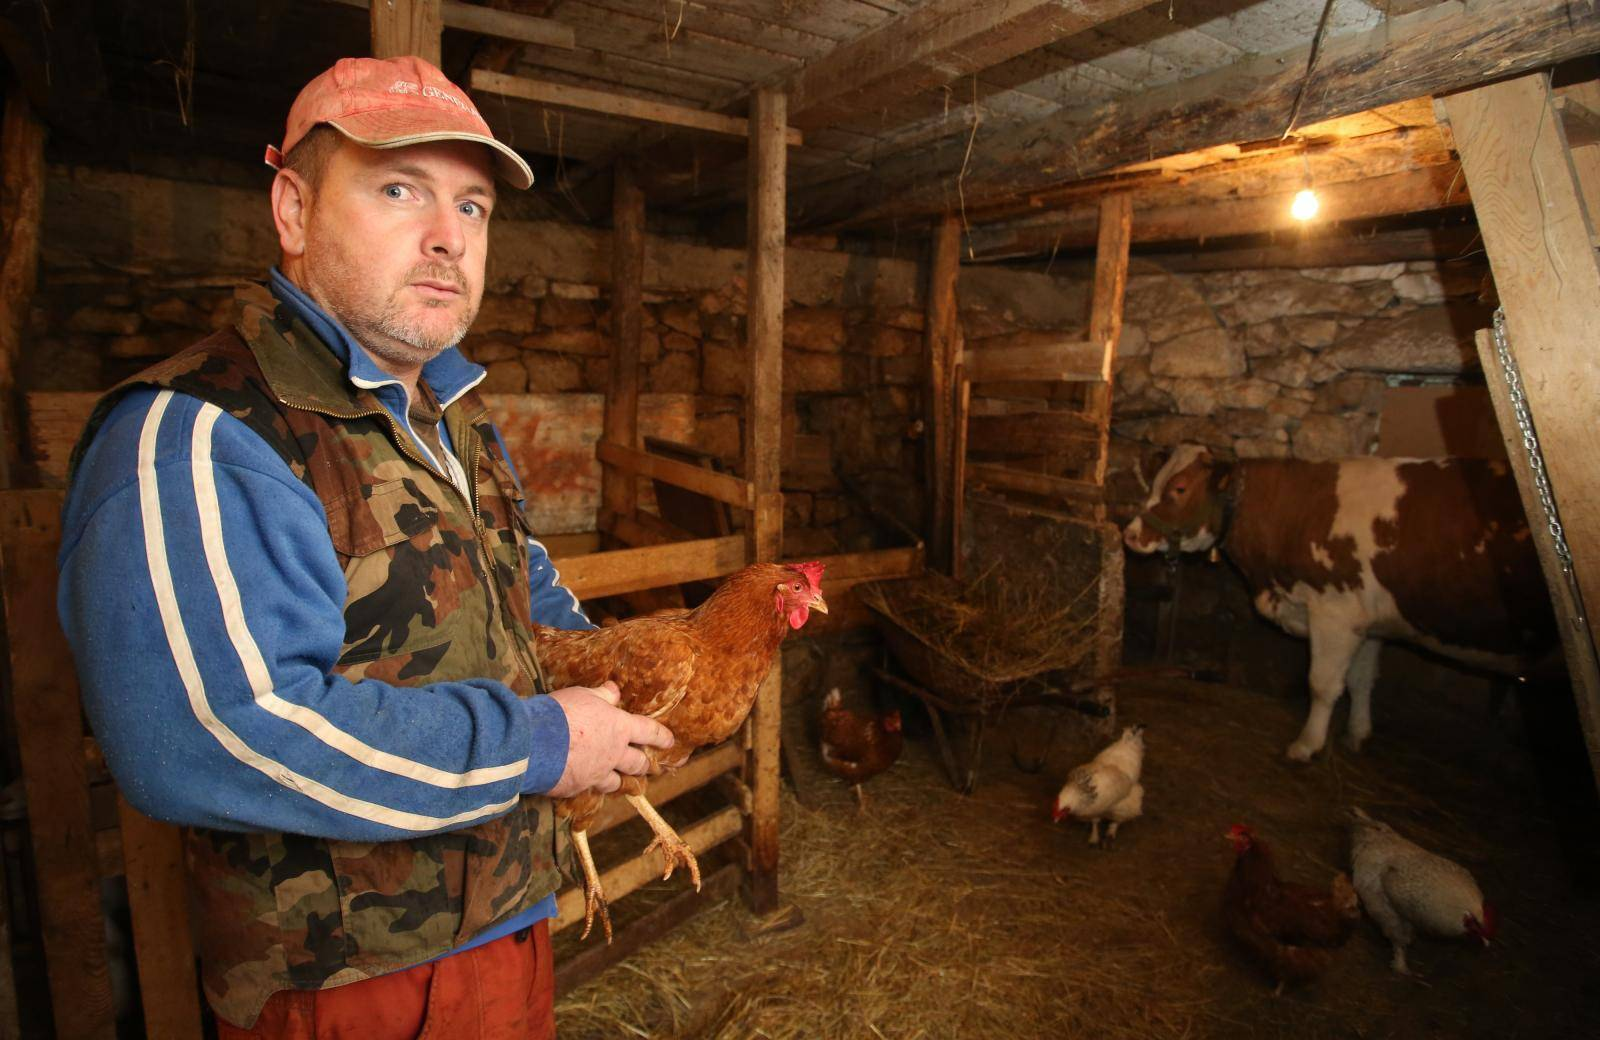 'Lisice su nam u dva mjeseca ukrale čak 70 koka, bojimo se'